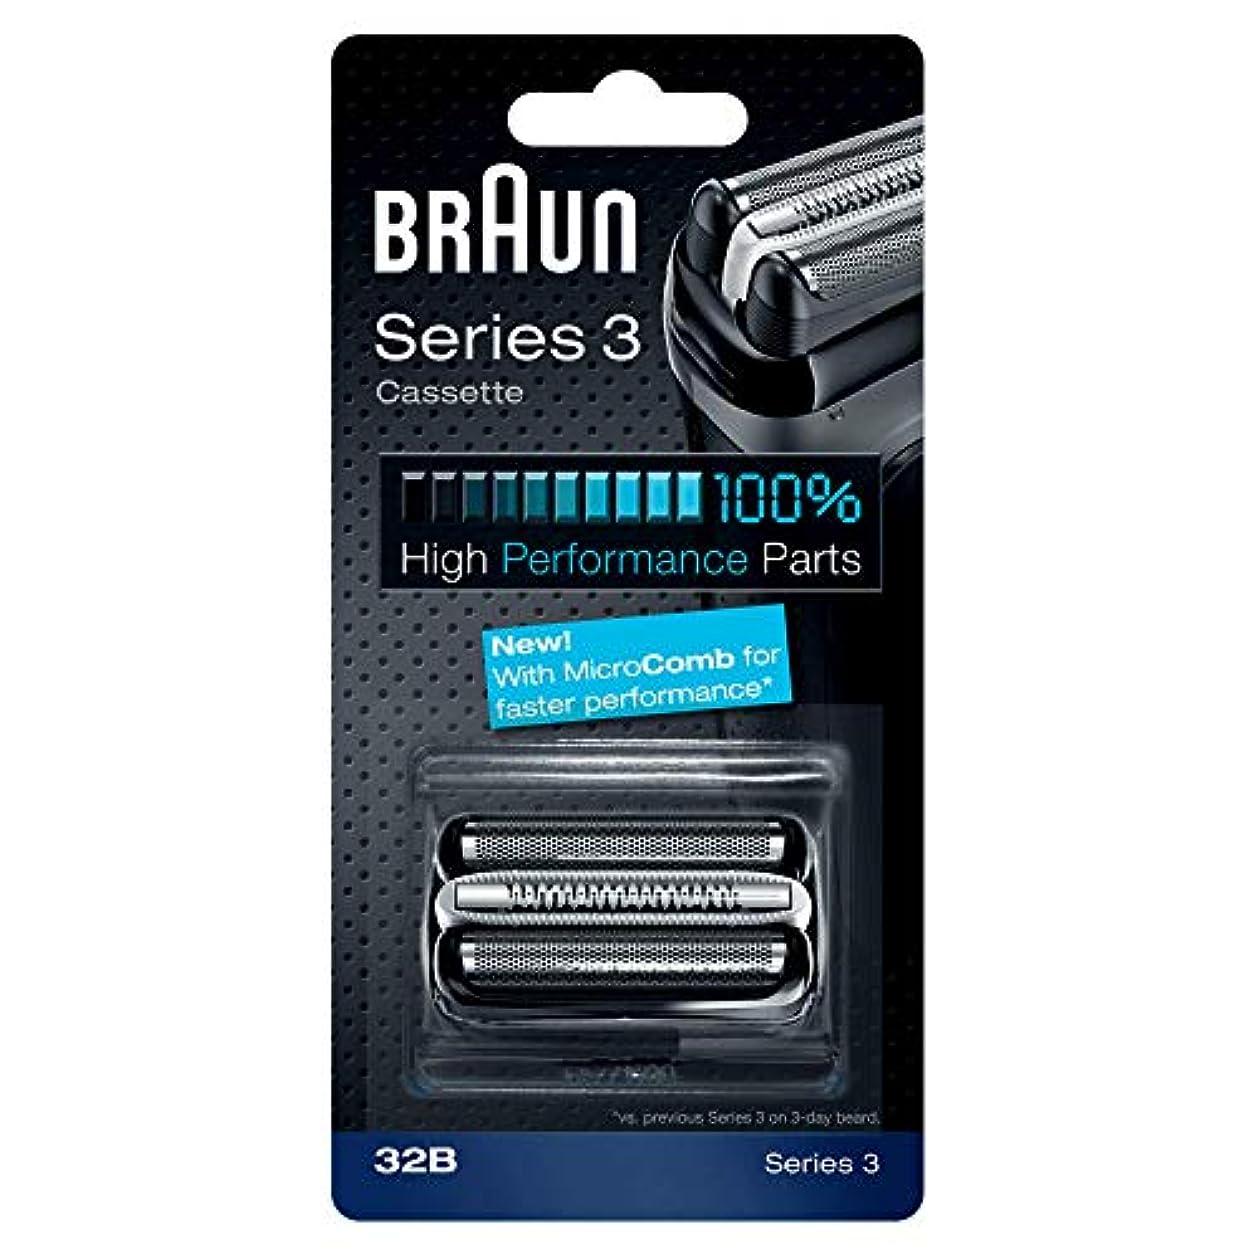 仕える逮捕間BRAUN 32B Series 3 Shaver Cassette MicroComb交換ヘッドをフォイルカッター& [並行輸入品]